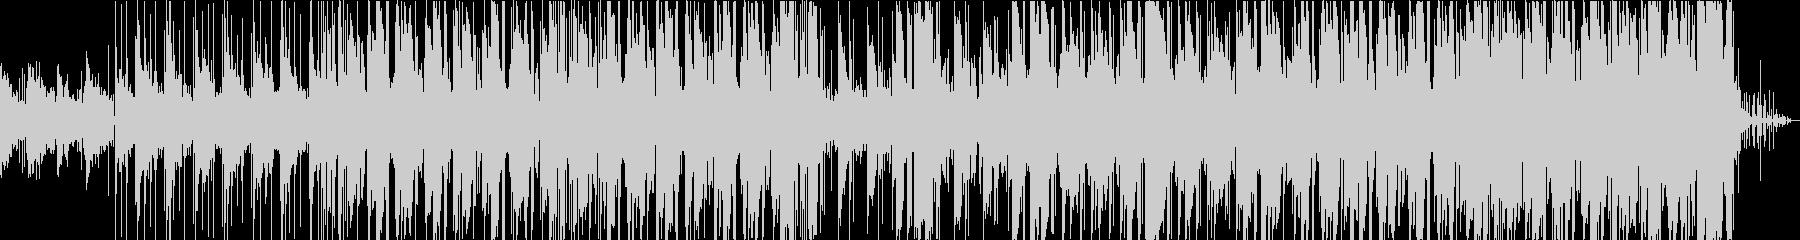 レトロ・温かみのあるLoFiヒップホップの未再生の波形